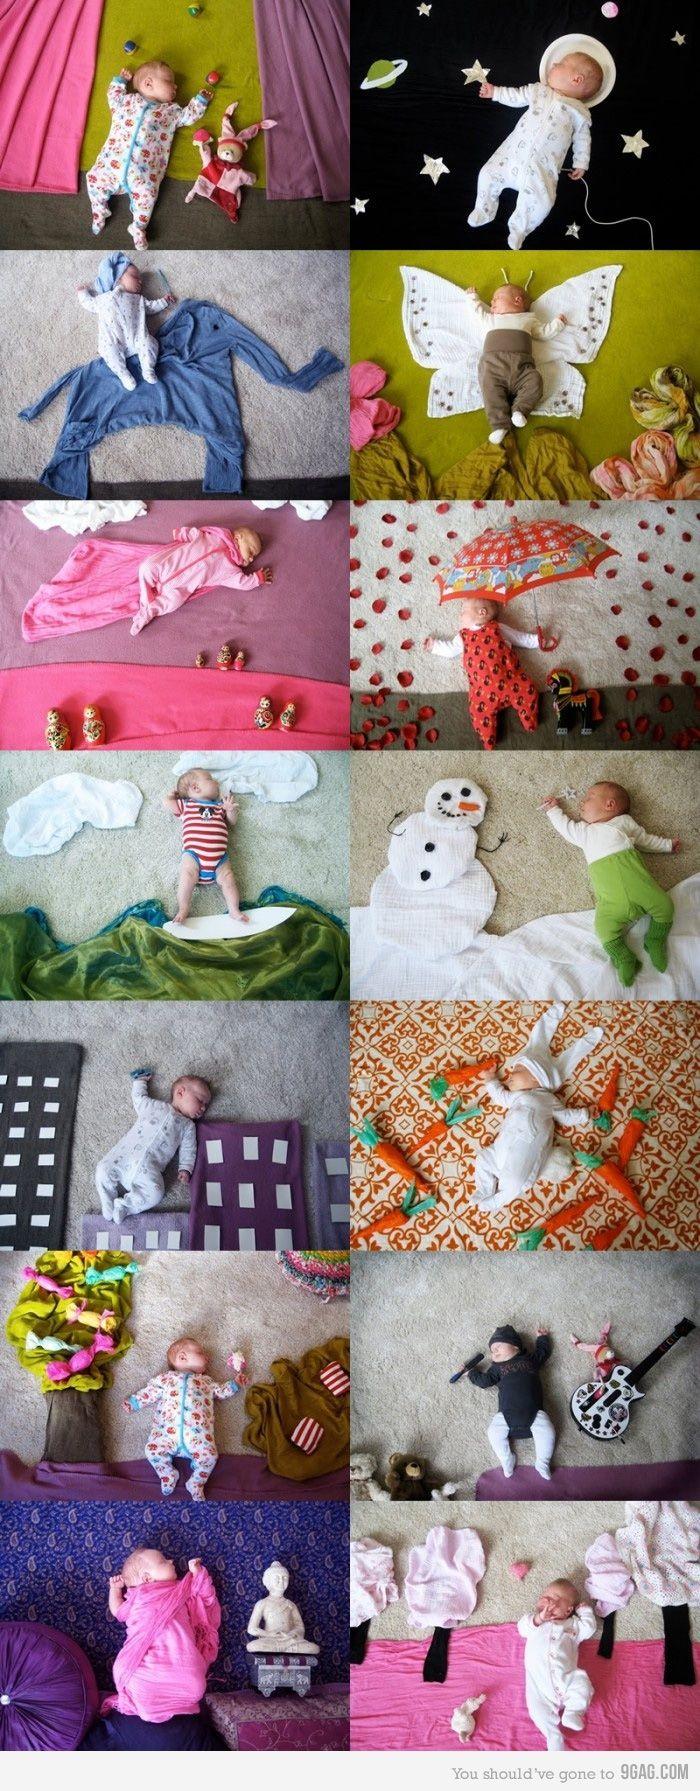 Простые идеи для фотографий — Bermama.ru - сайт для мам Березников и Соликамска - все о беременности и воспитании ребенка, совместные покупки